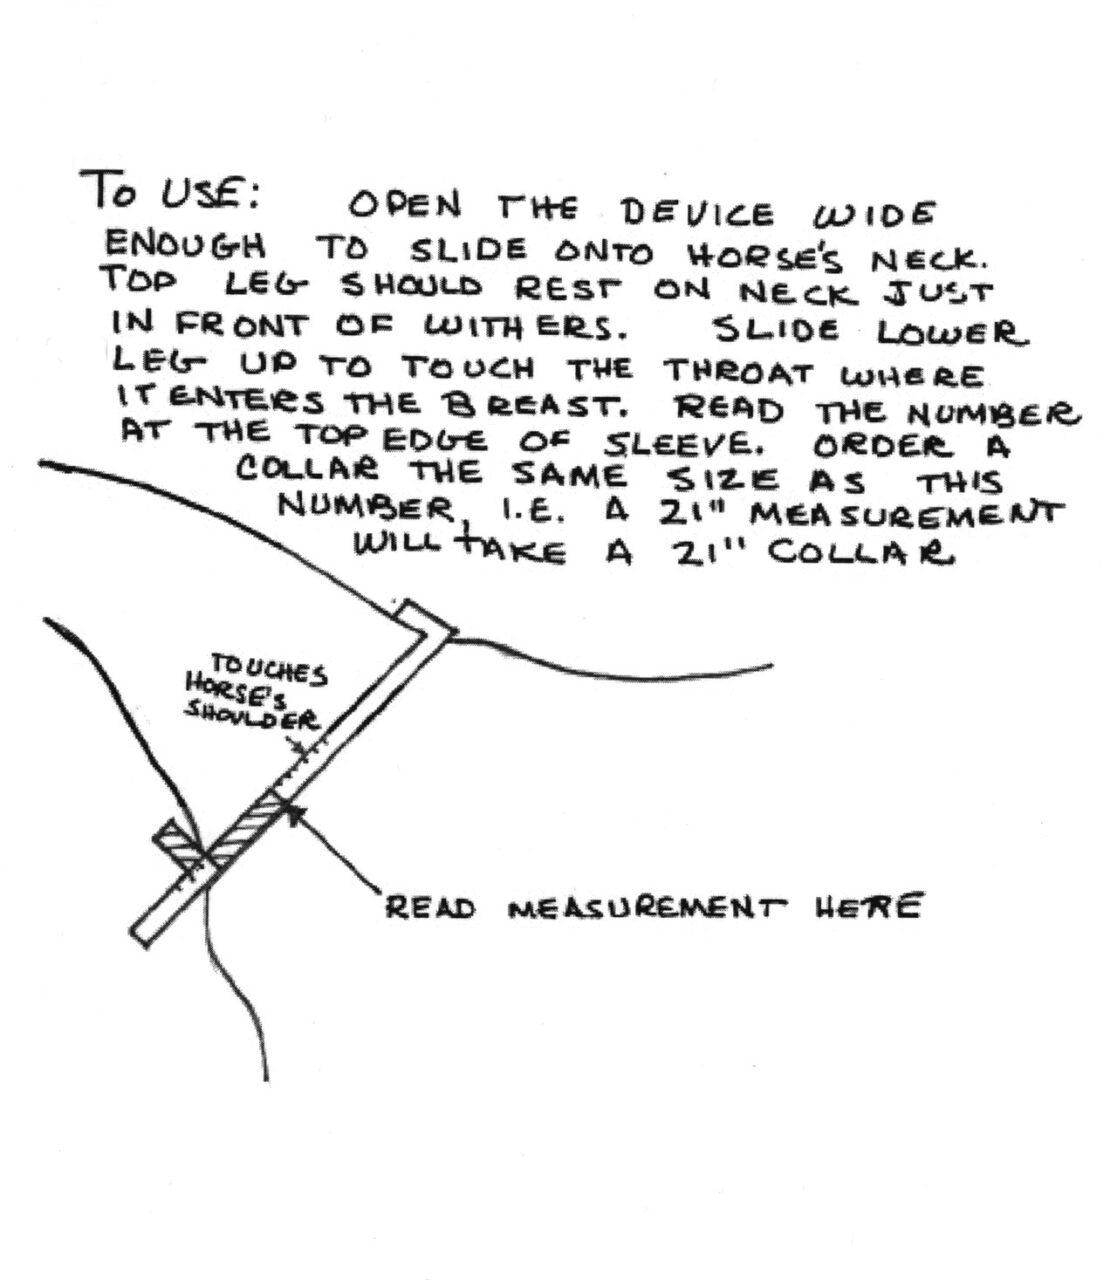 Homemade Collar or Neck Measuring Device